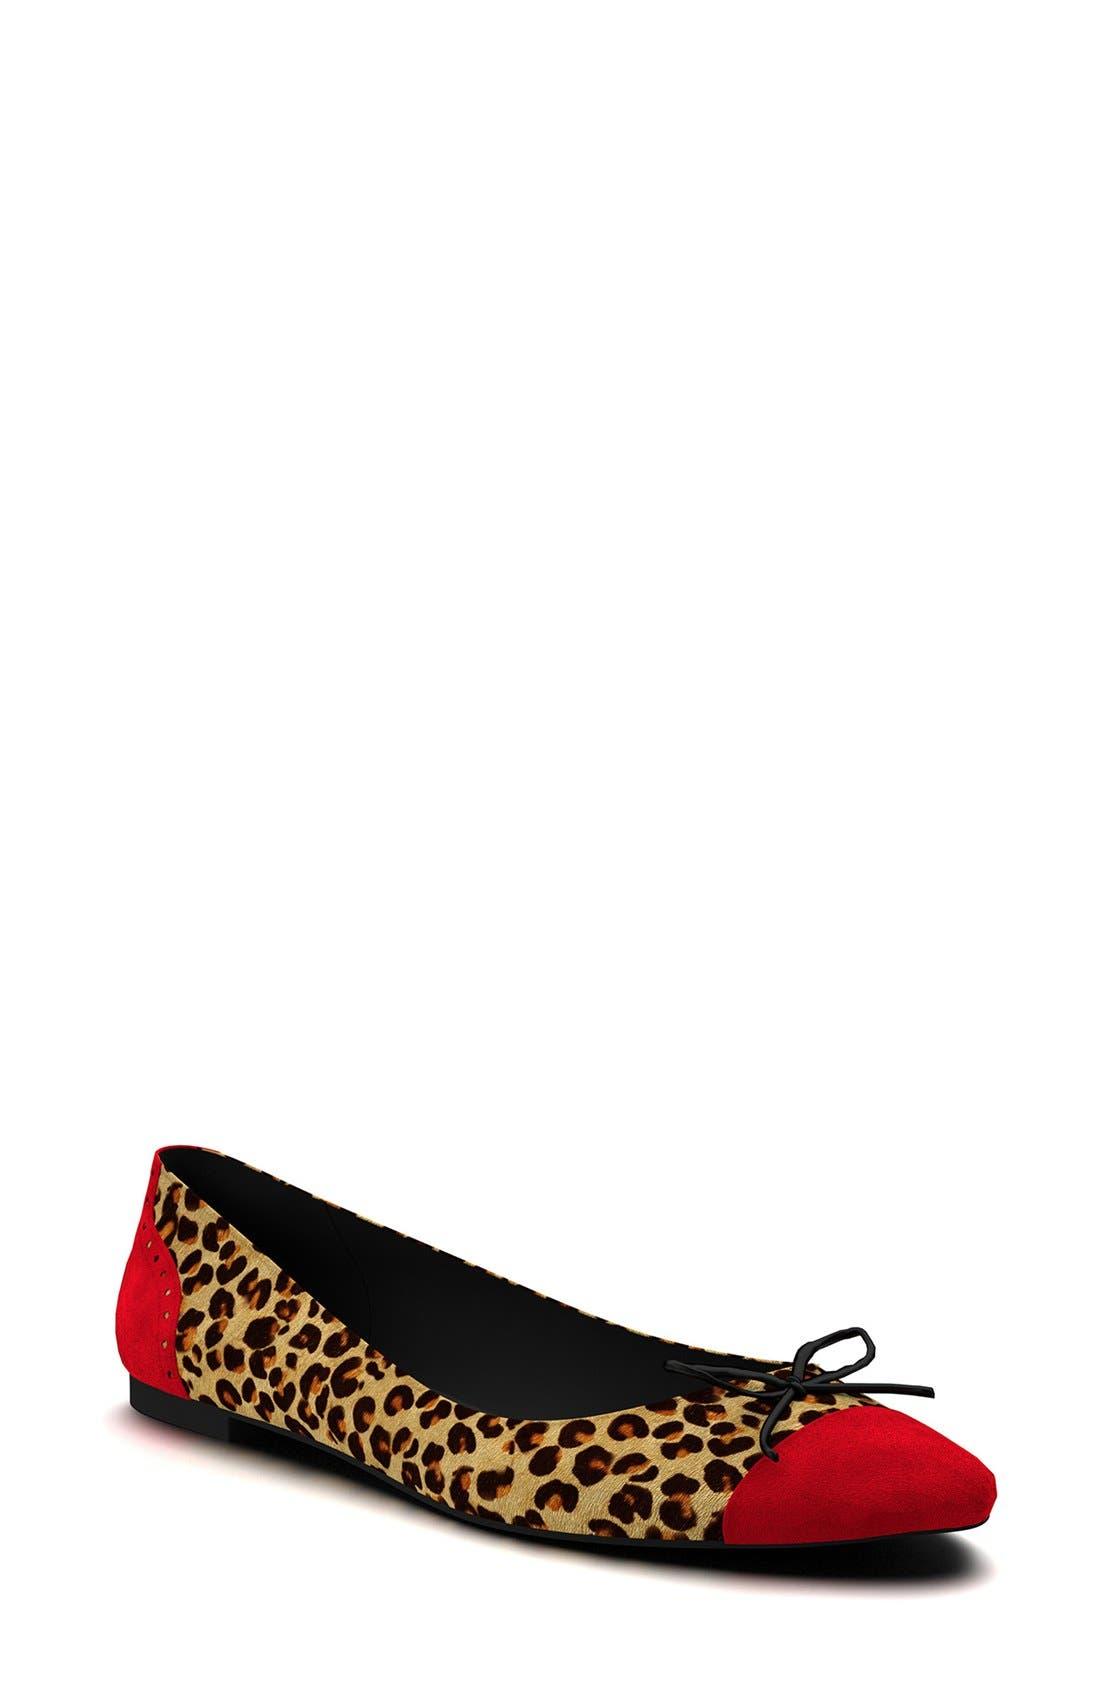 Alternate Image 1 Selected - Shoes of Prey Cap Toe Genuine Calf Hair Ballet Flat (Women)